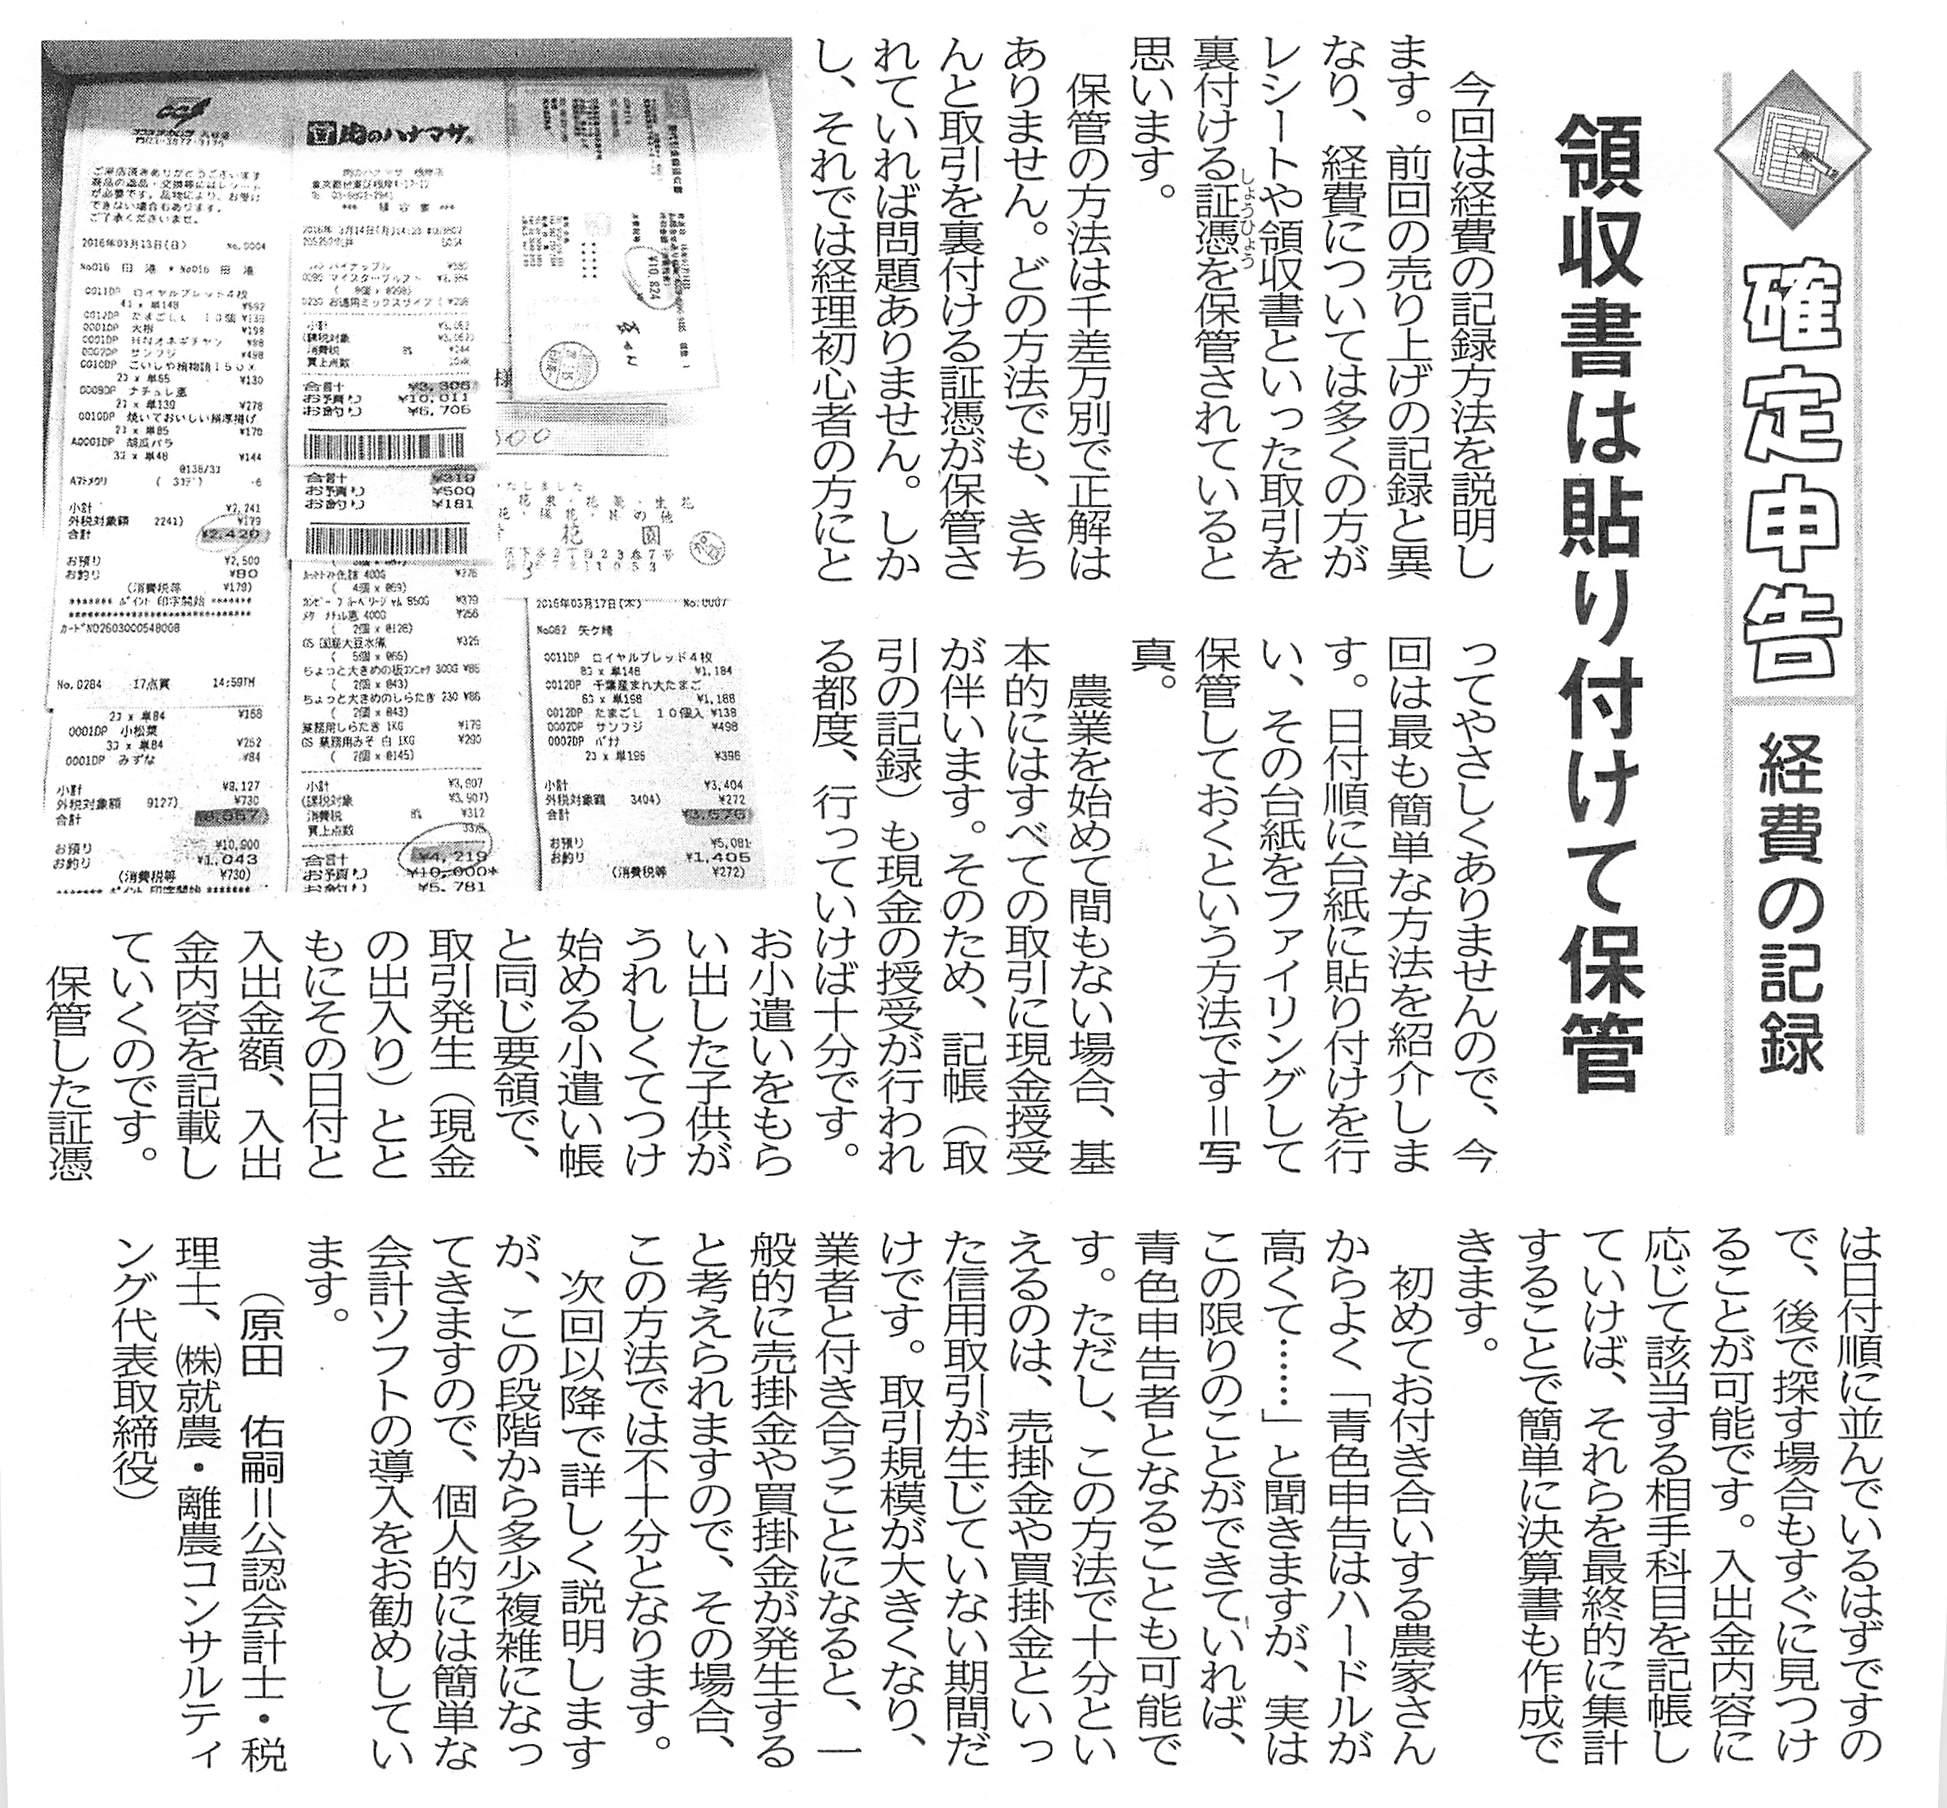 5/4記事